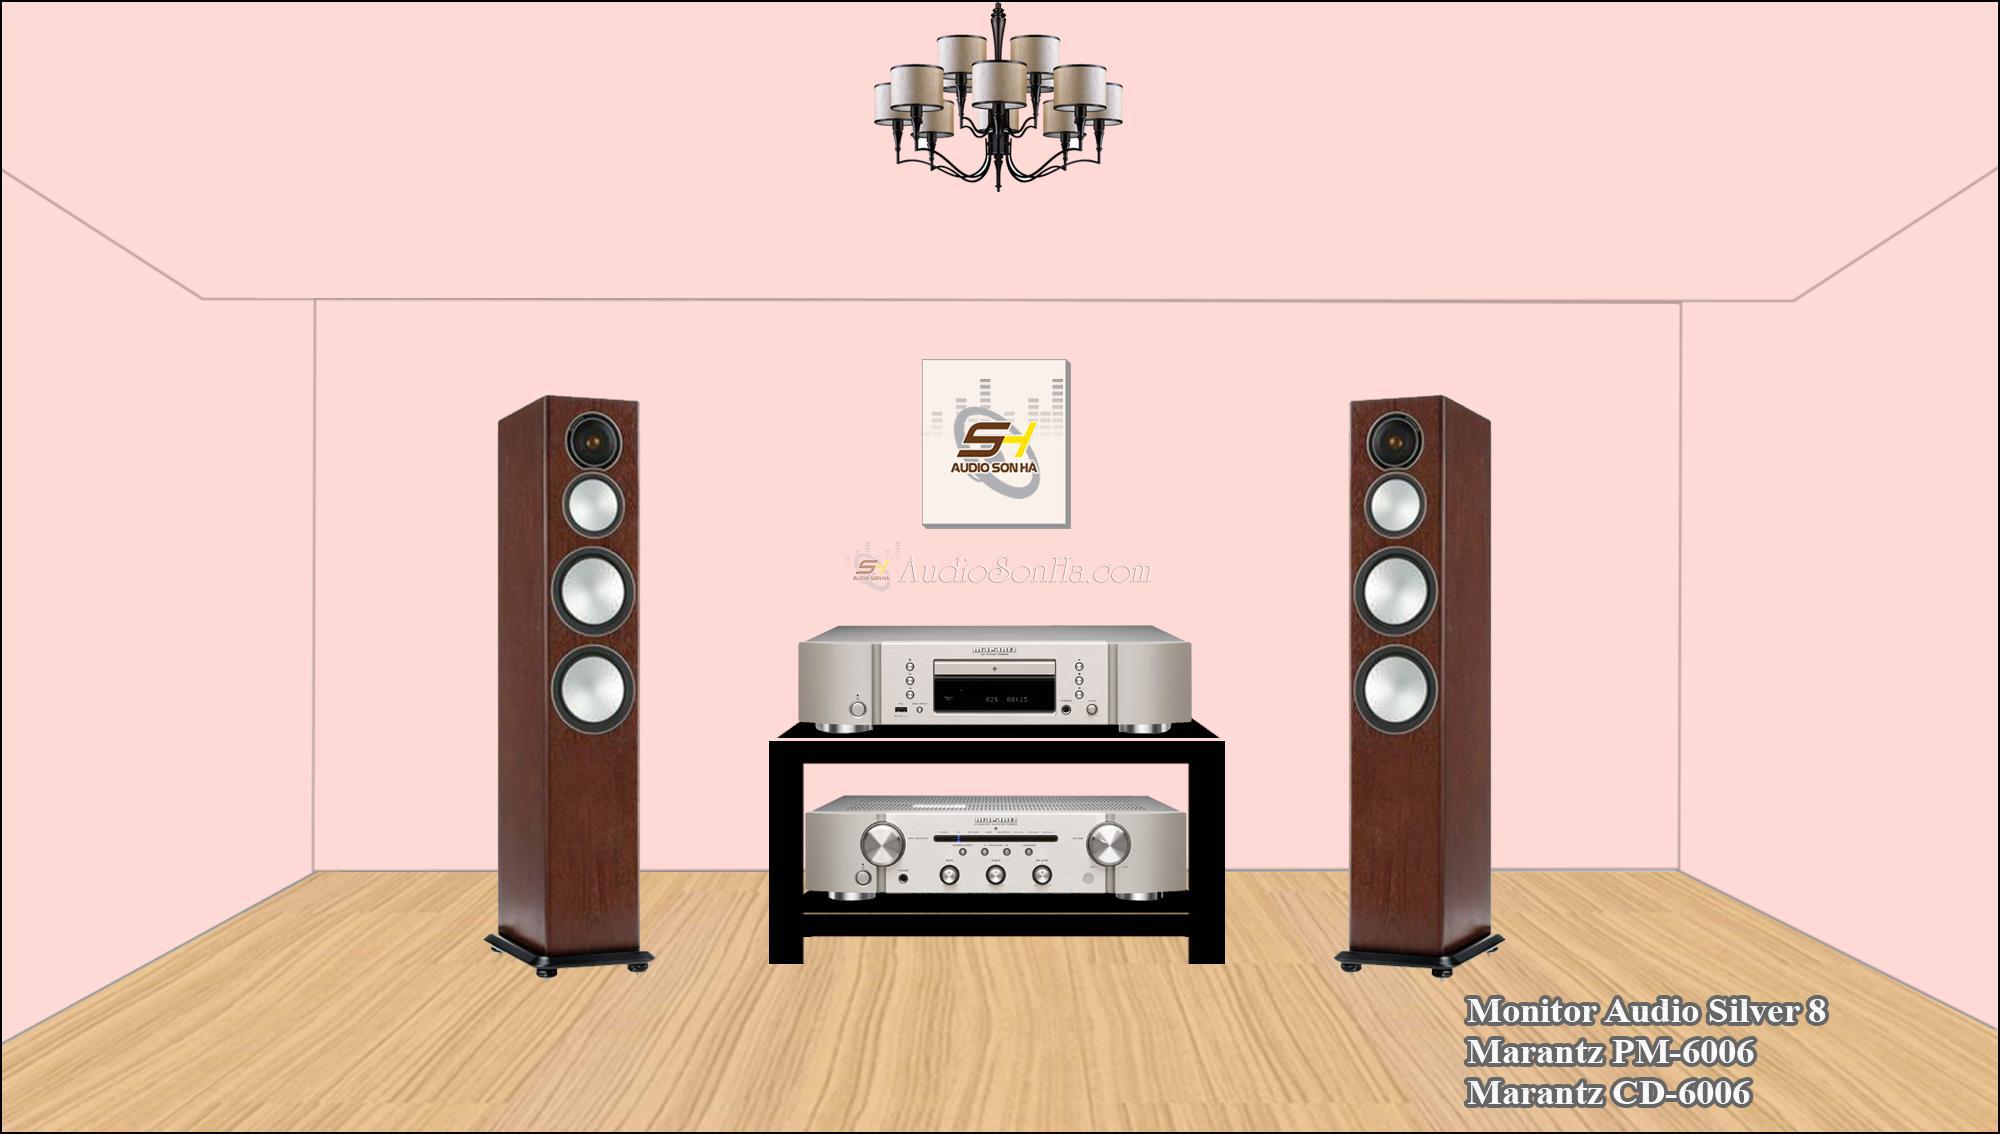 Hệ thống nghe nhạc Marantz & Monitor Audio